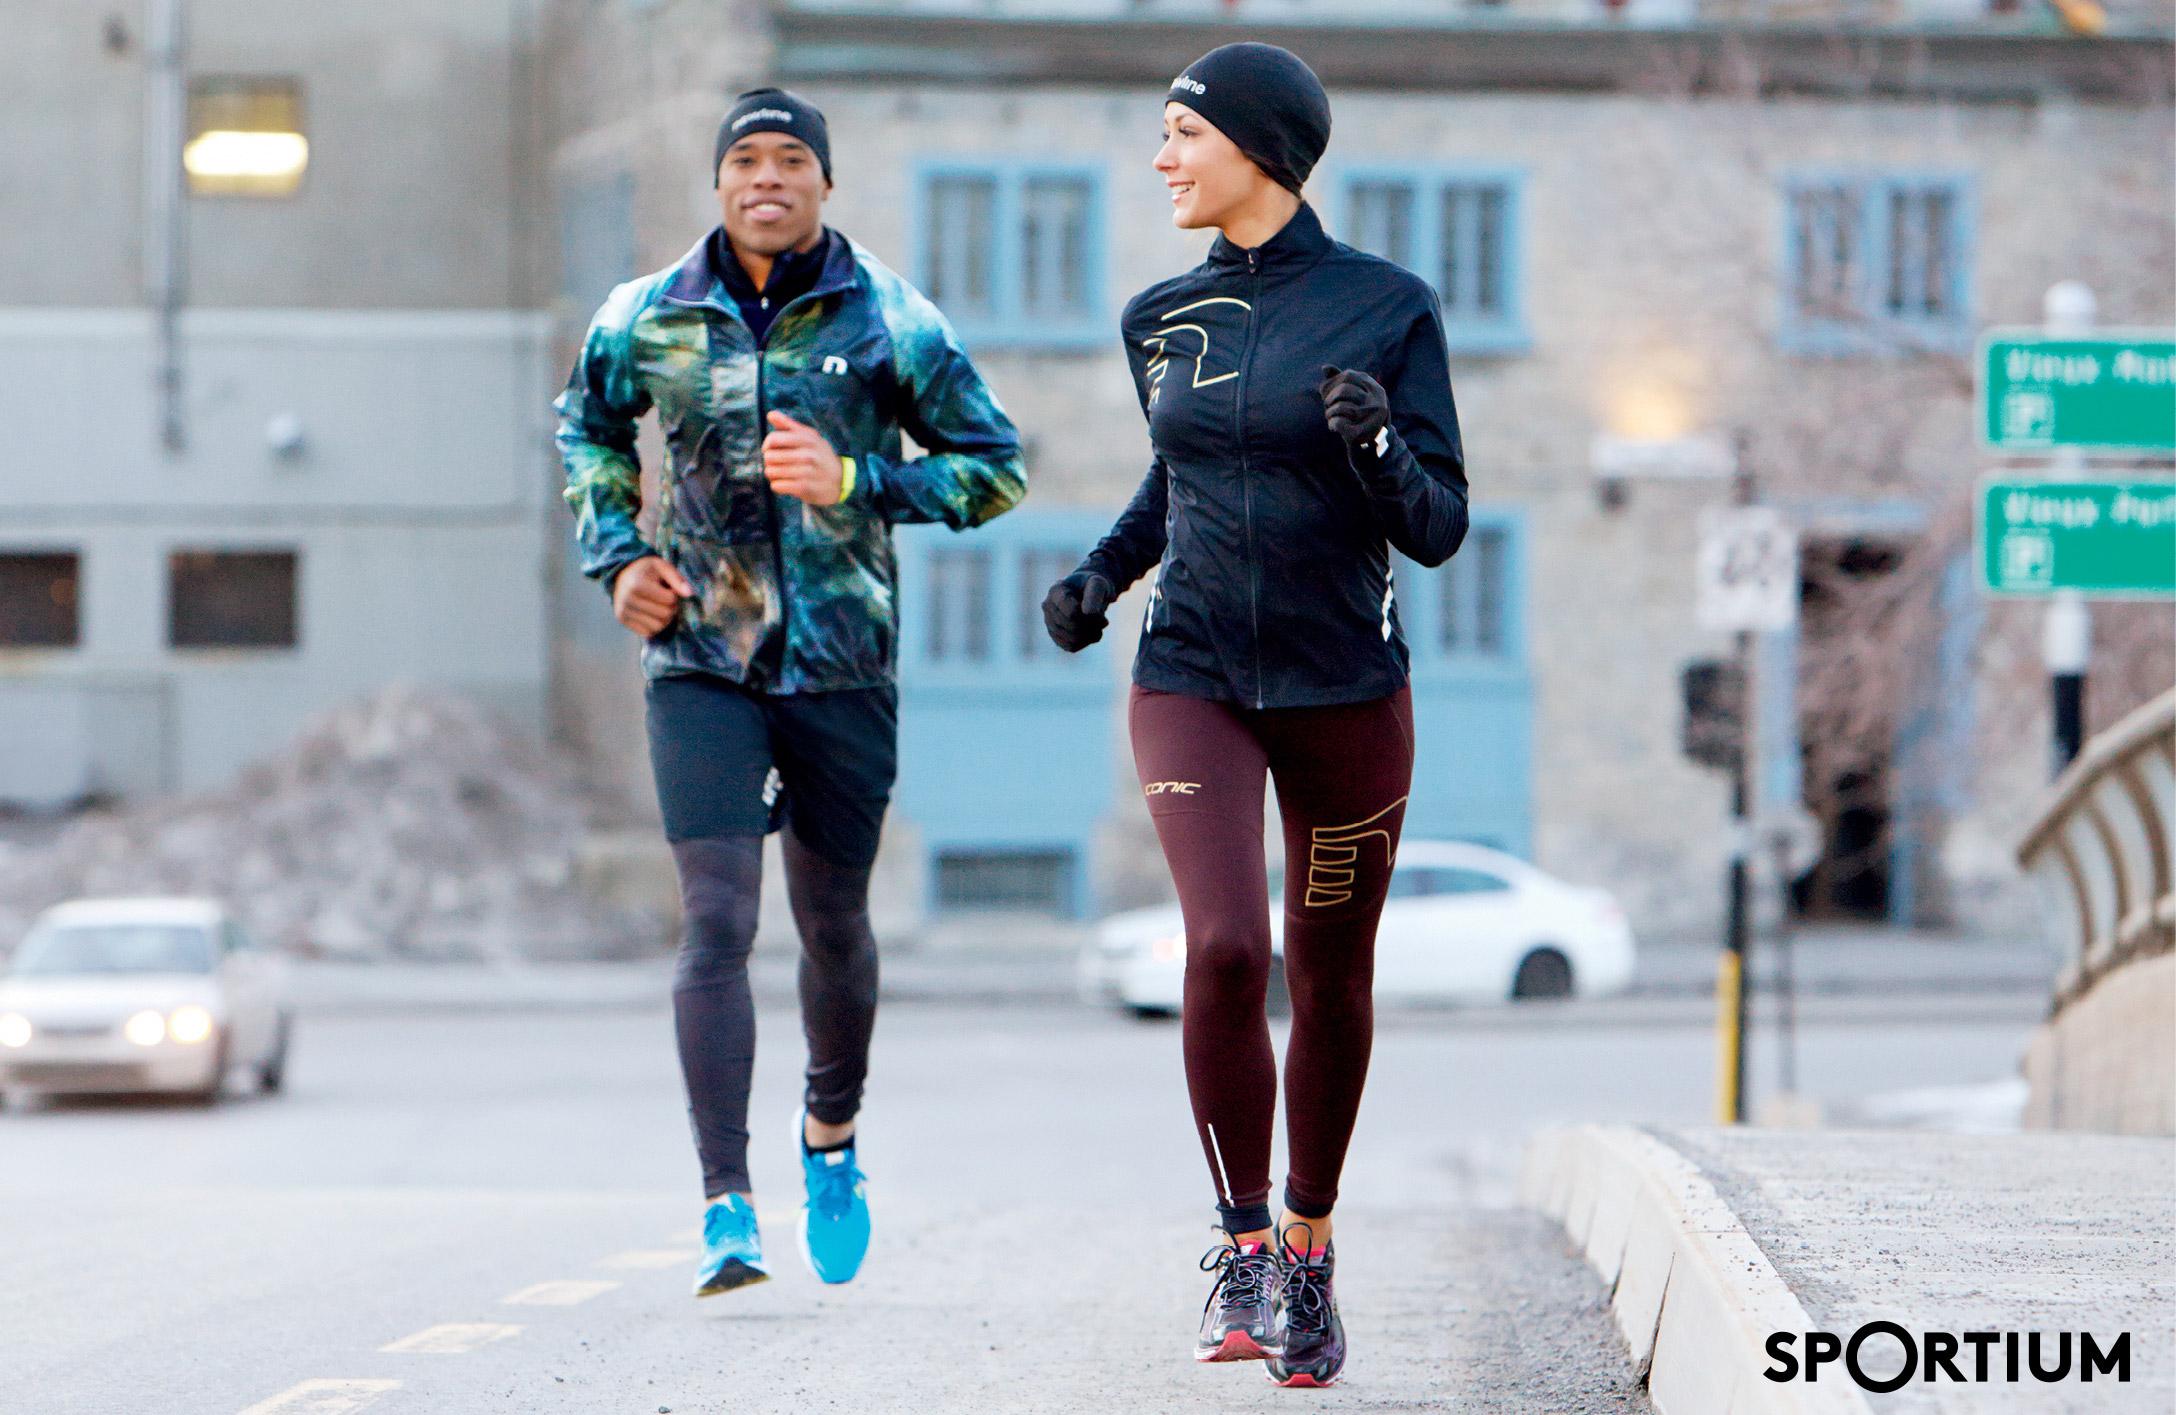 Одежда для бега: особенности выбора женской и мужской экипировки, за сколько можно купить качественный комплект?